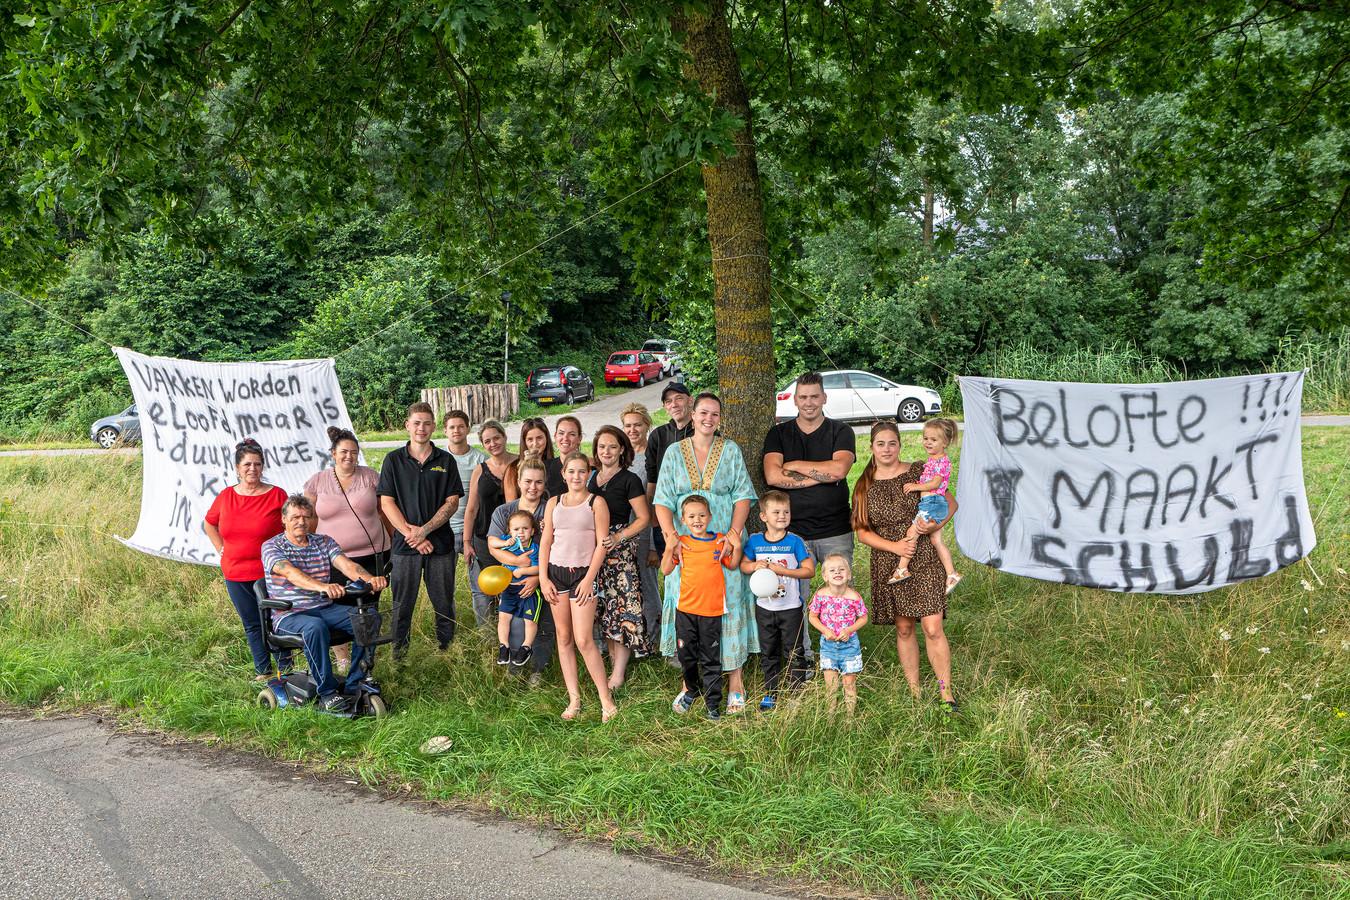 De woonwagenbewoners van de Tuinbouwweg in Made vragen met spandoeken om aandacht voor hun schrijnende situatie.